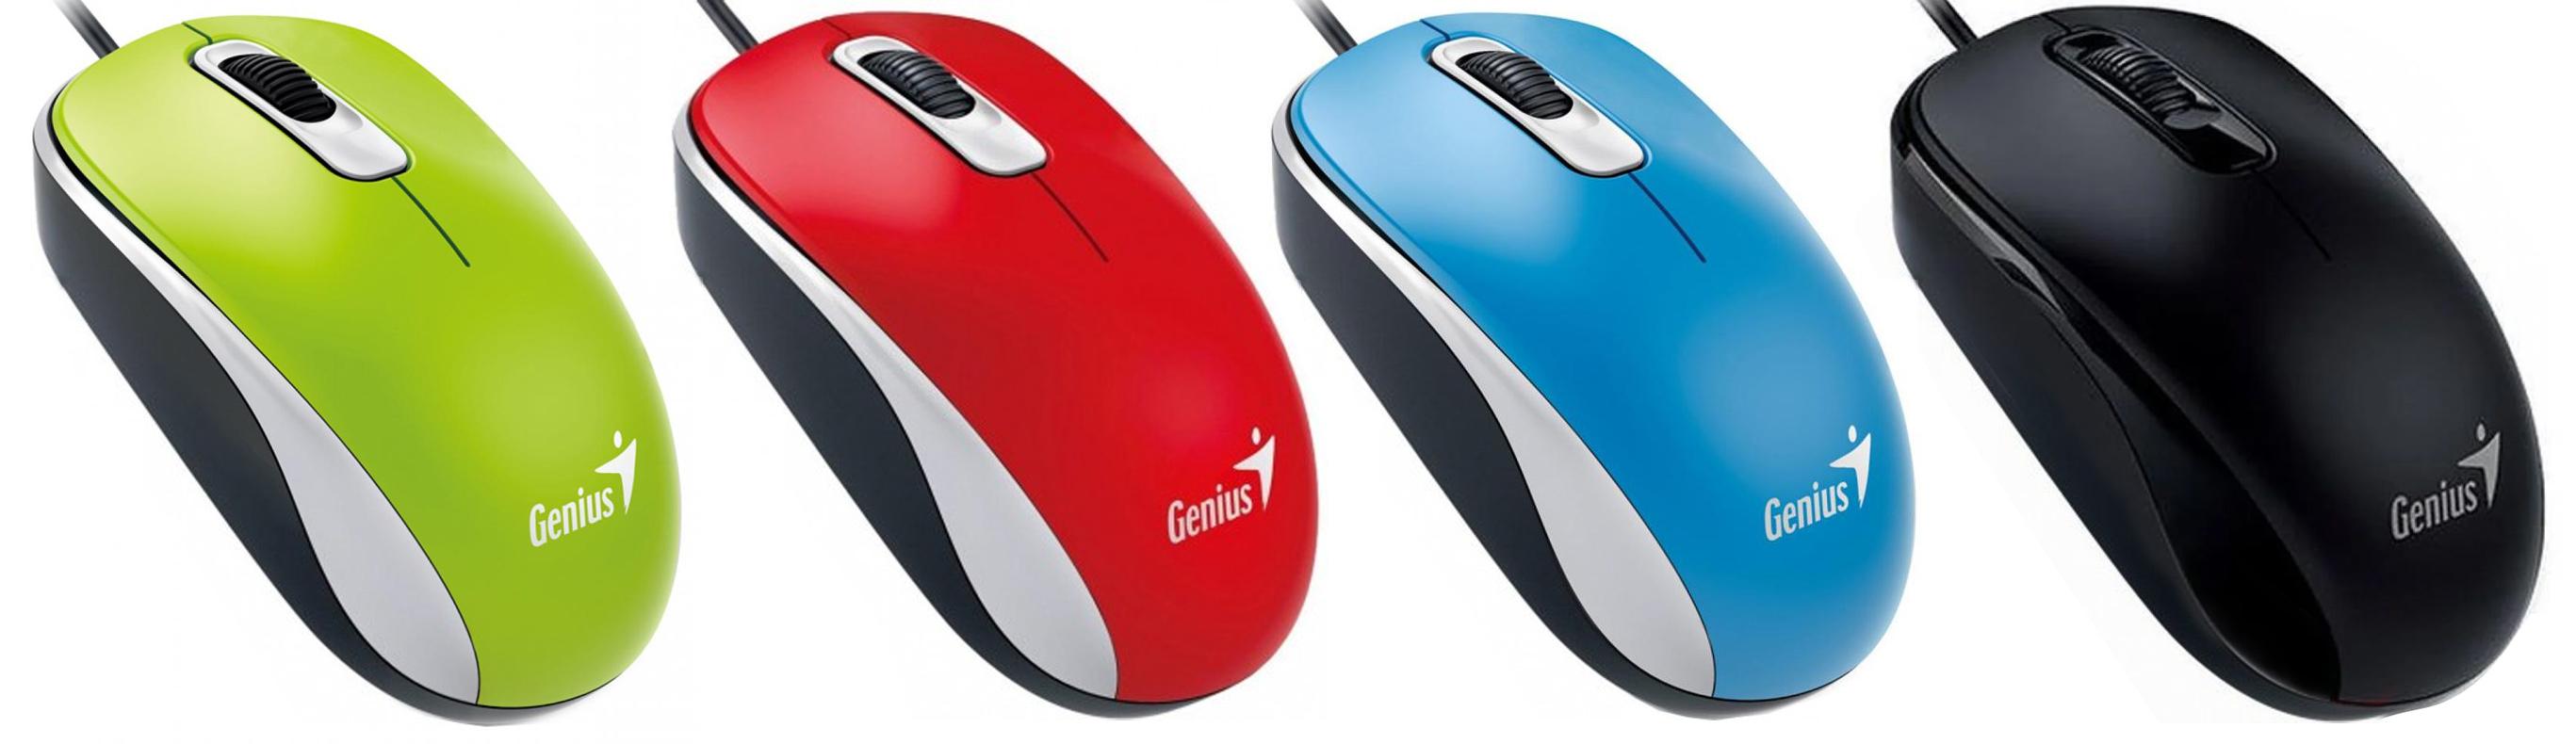 Мышь USB оптическая DX-110, красн. Genius - фото 4